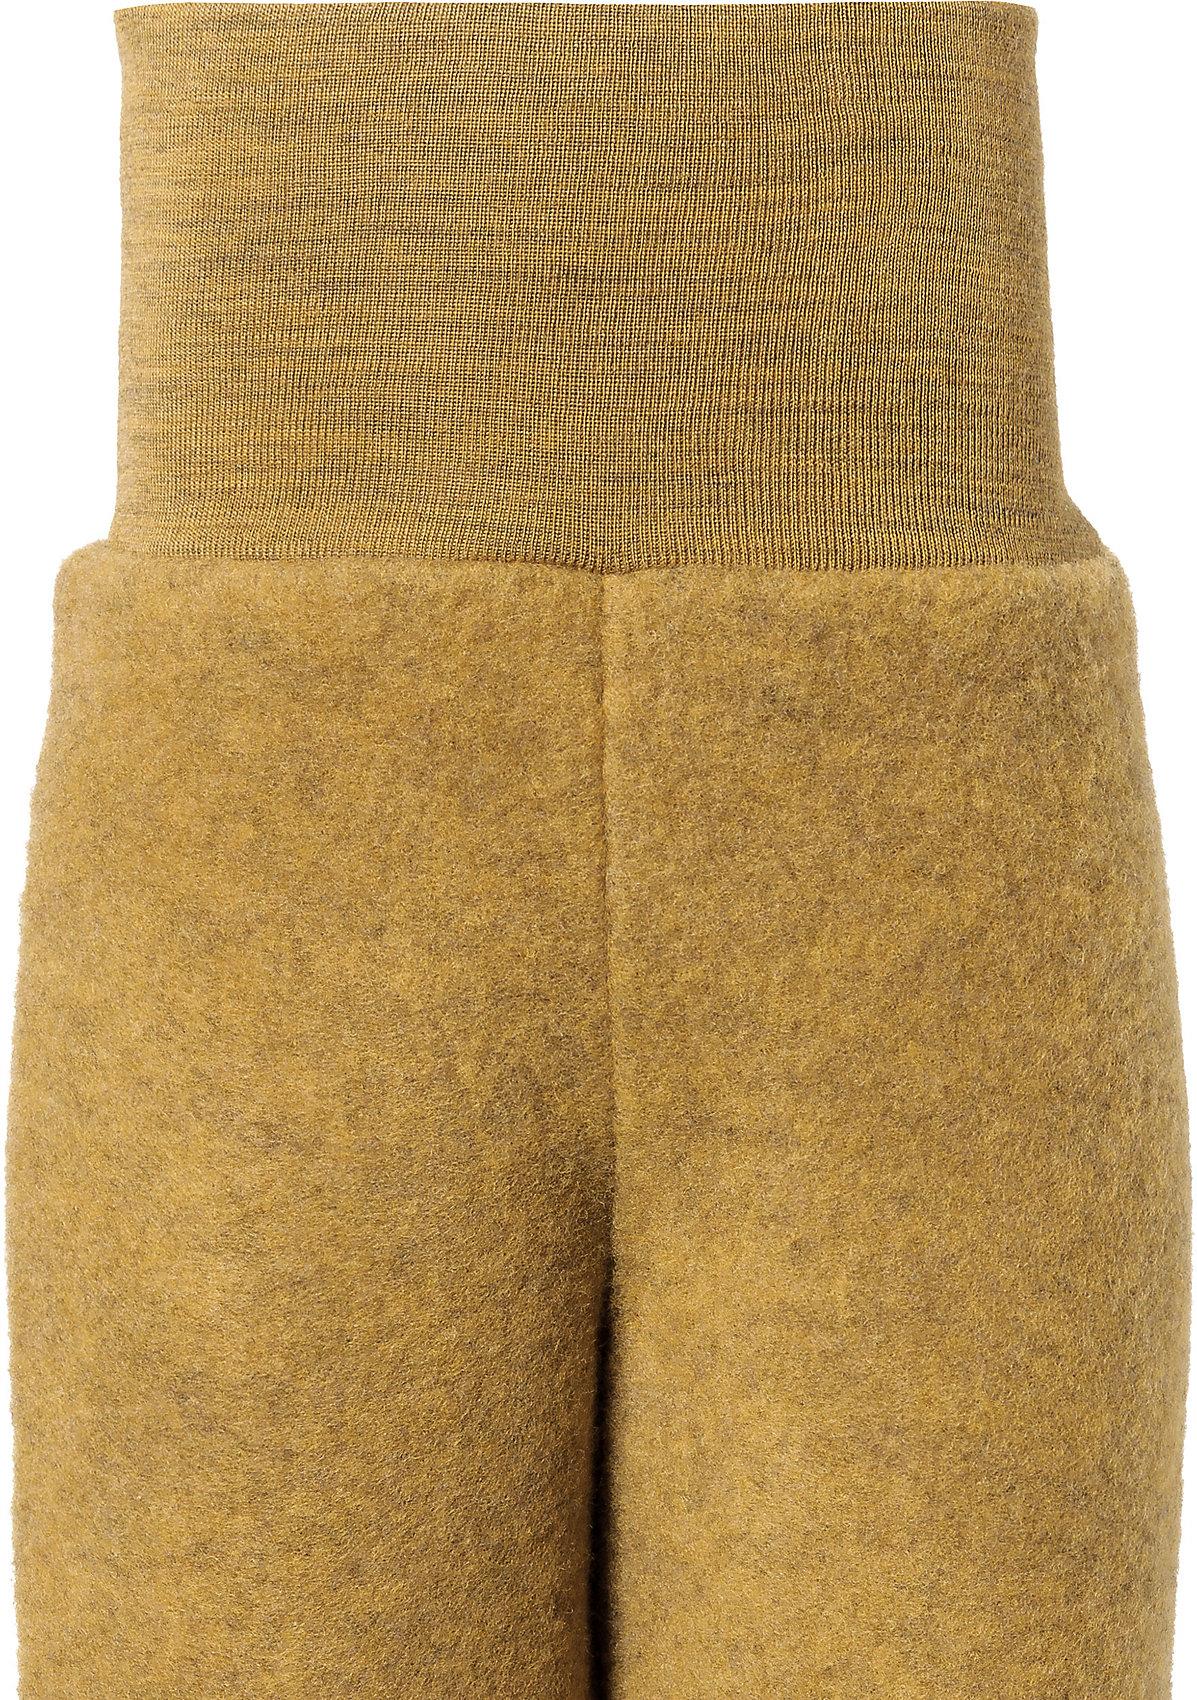 Neu ENGEL Baby Softbundhose für Mädchen Wolle//Seide 11316548 für Mädchen